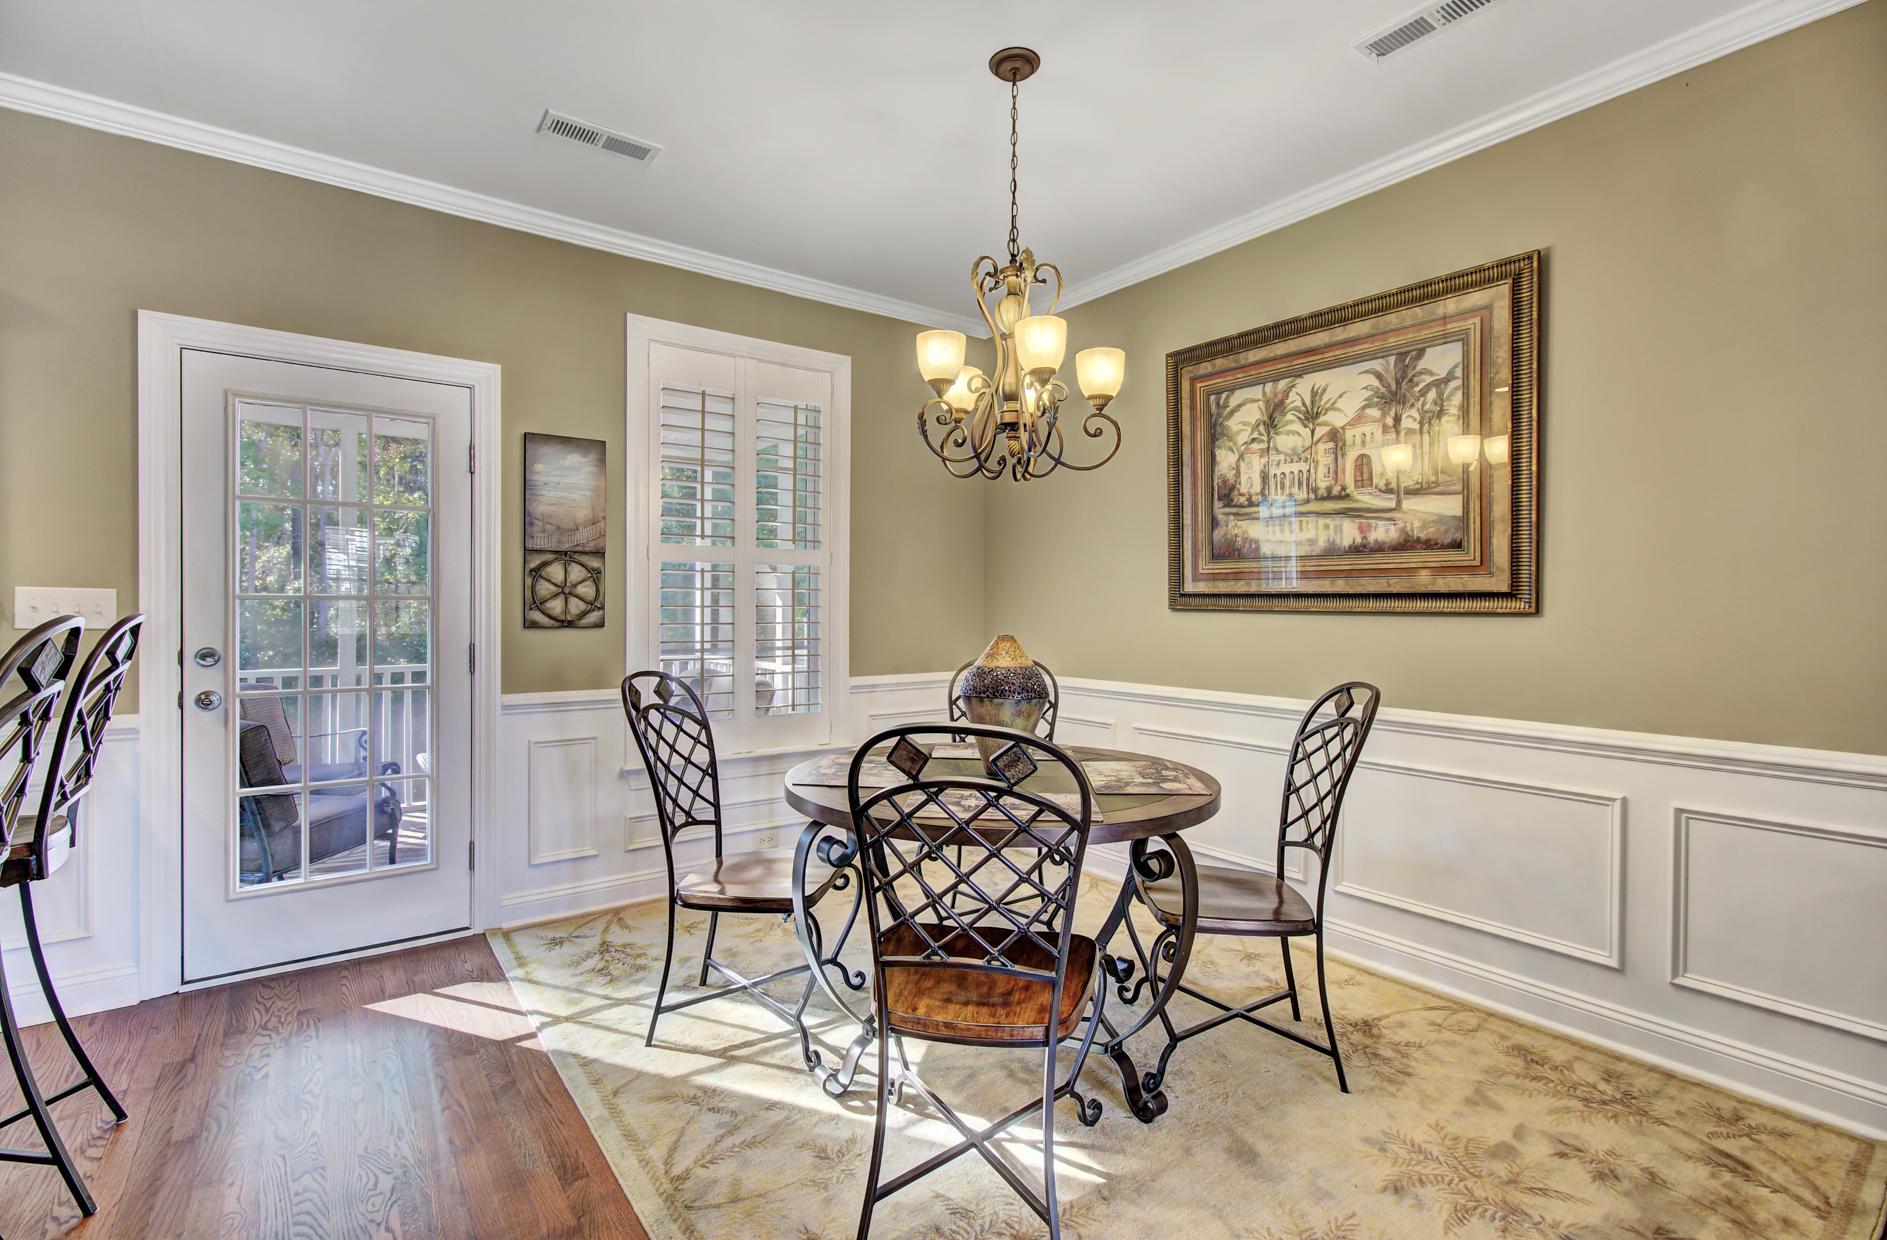 Park West Homes For Sale - 3672 Bagley, Mount Pleasant, SC - 25